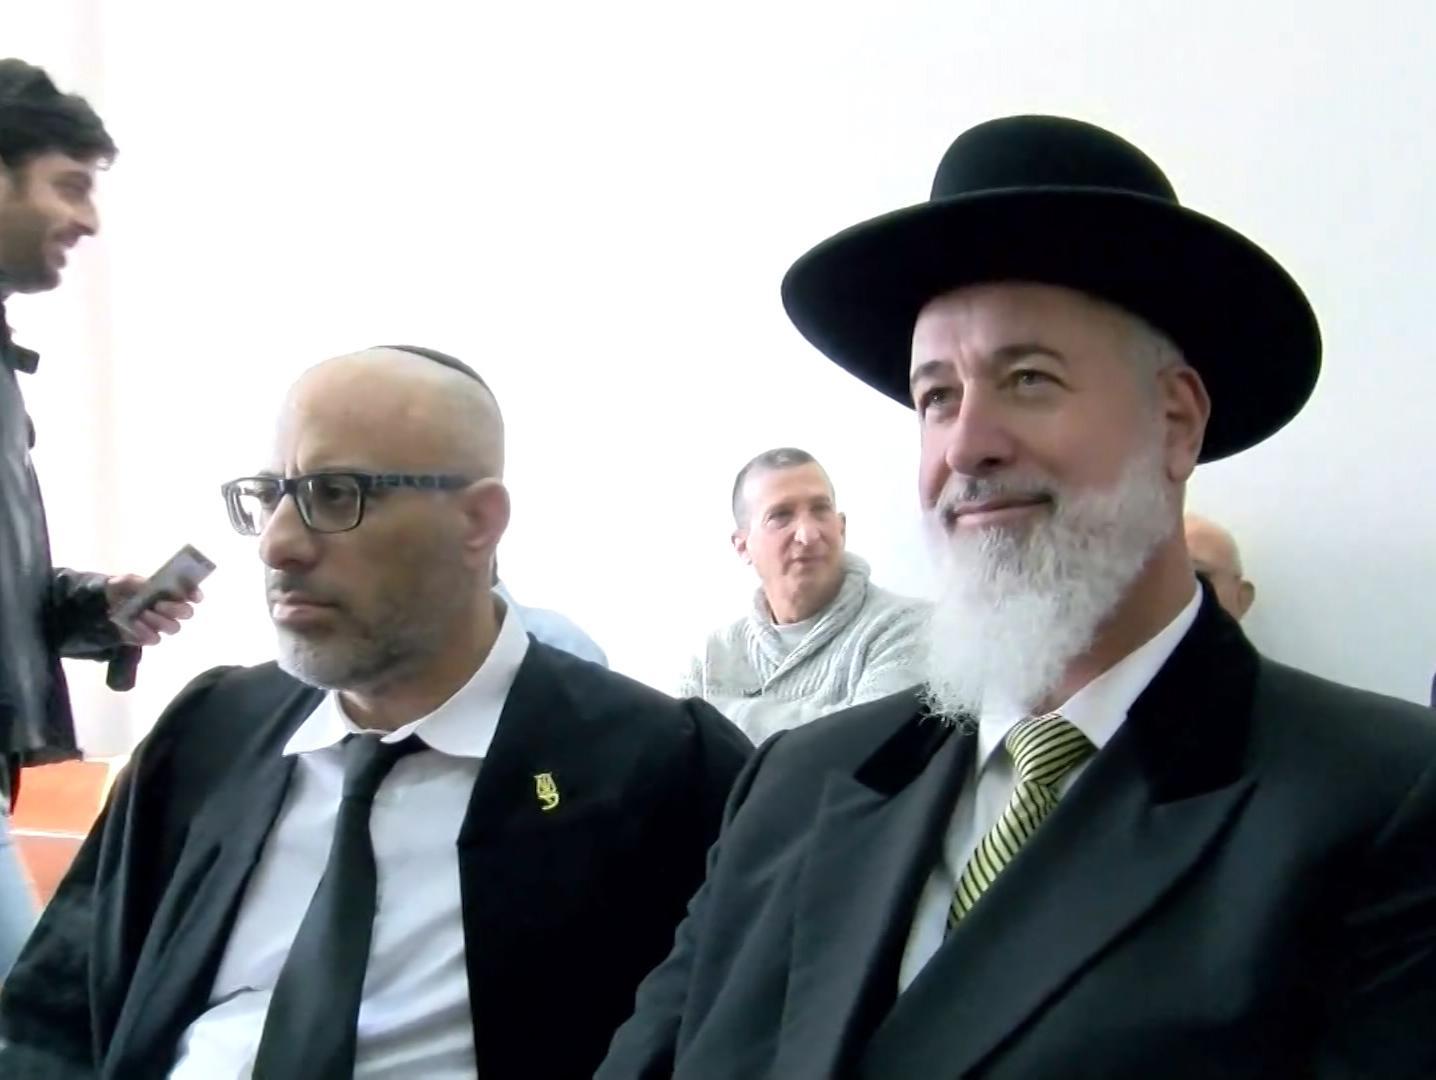 הרב הראשי לשעבר יונה מצגר התחייב: לא אשרת בתפקיד רב ציבורי בישראל